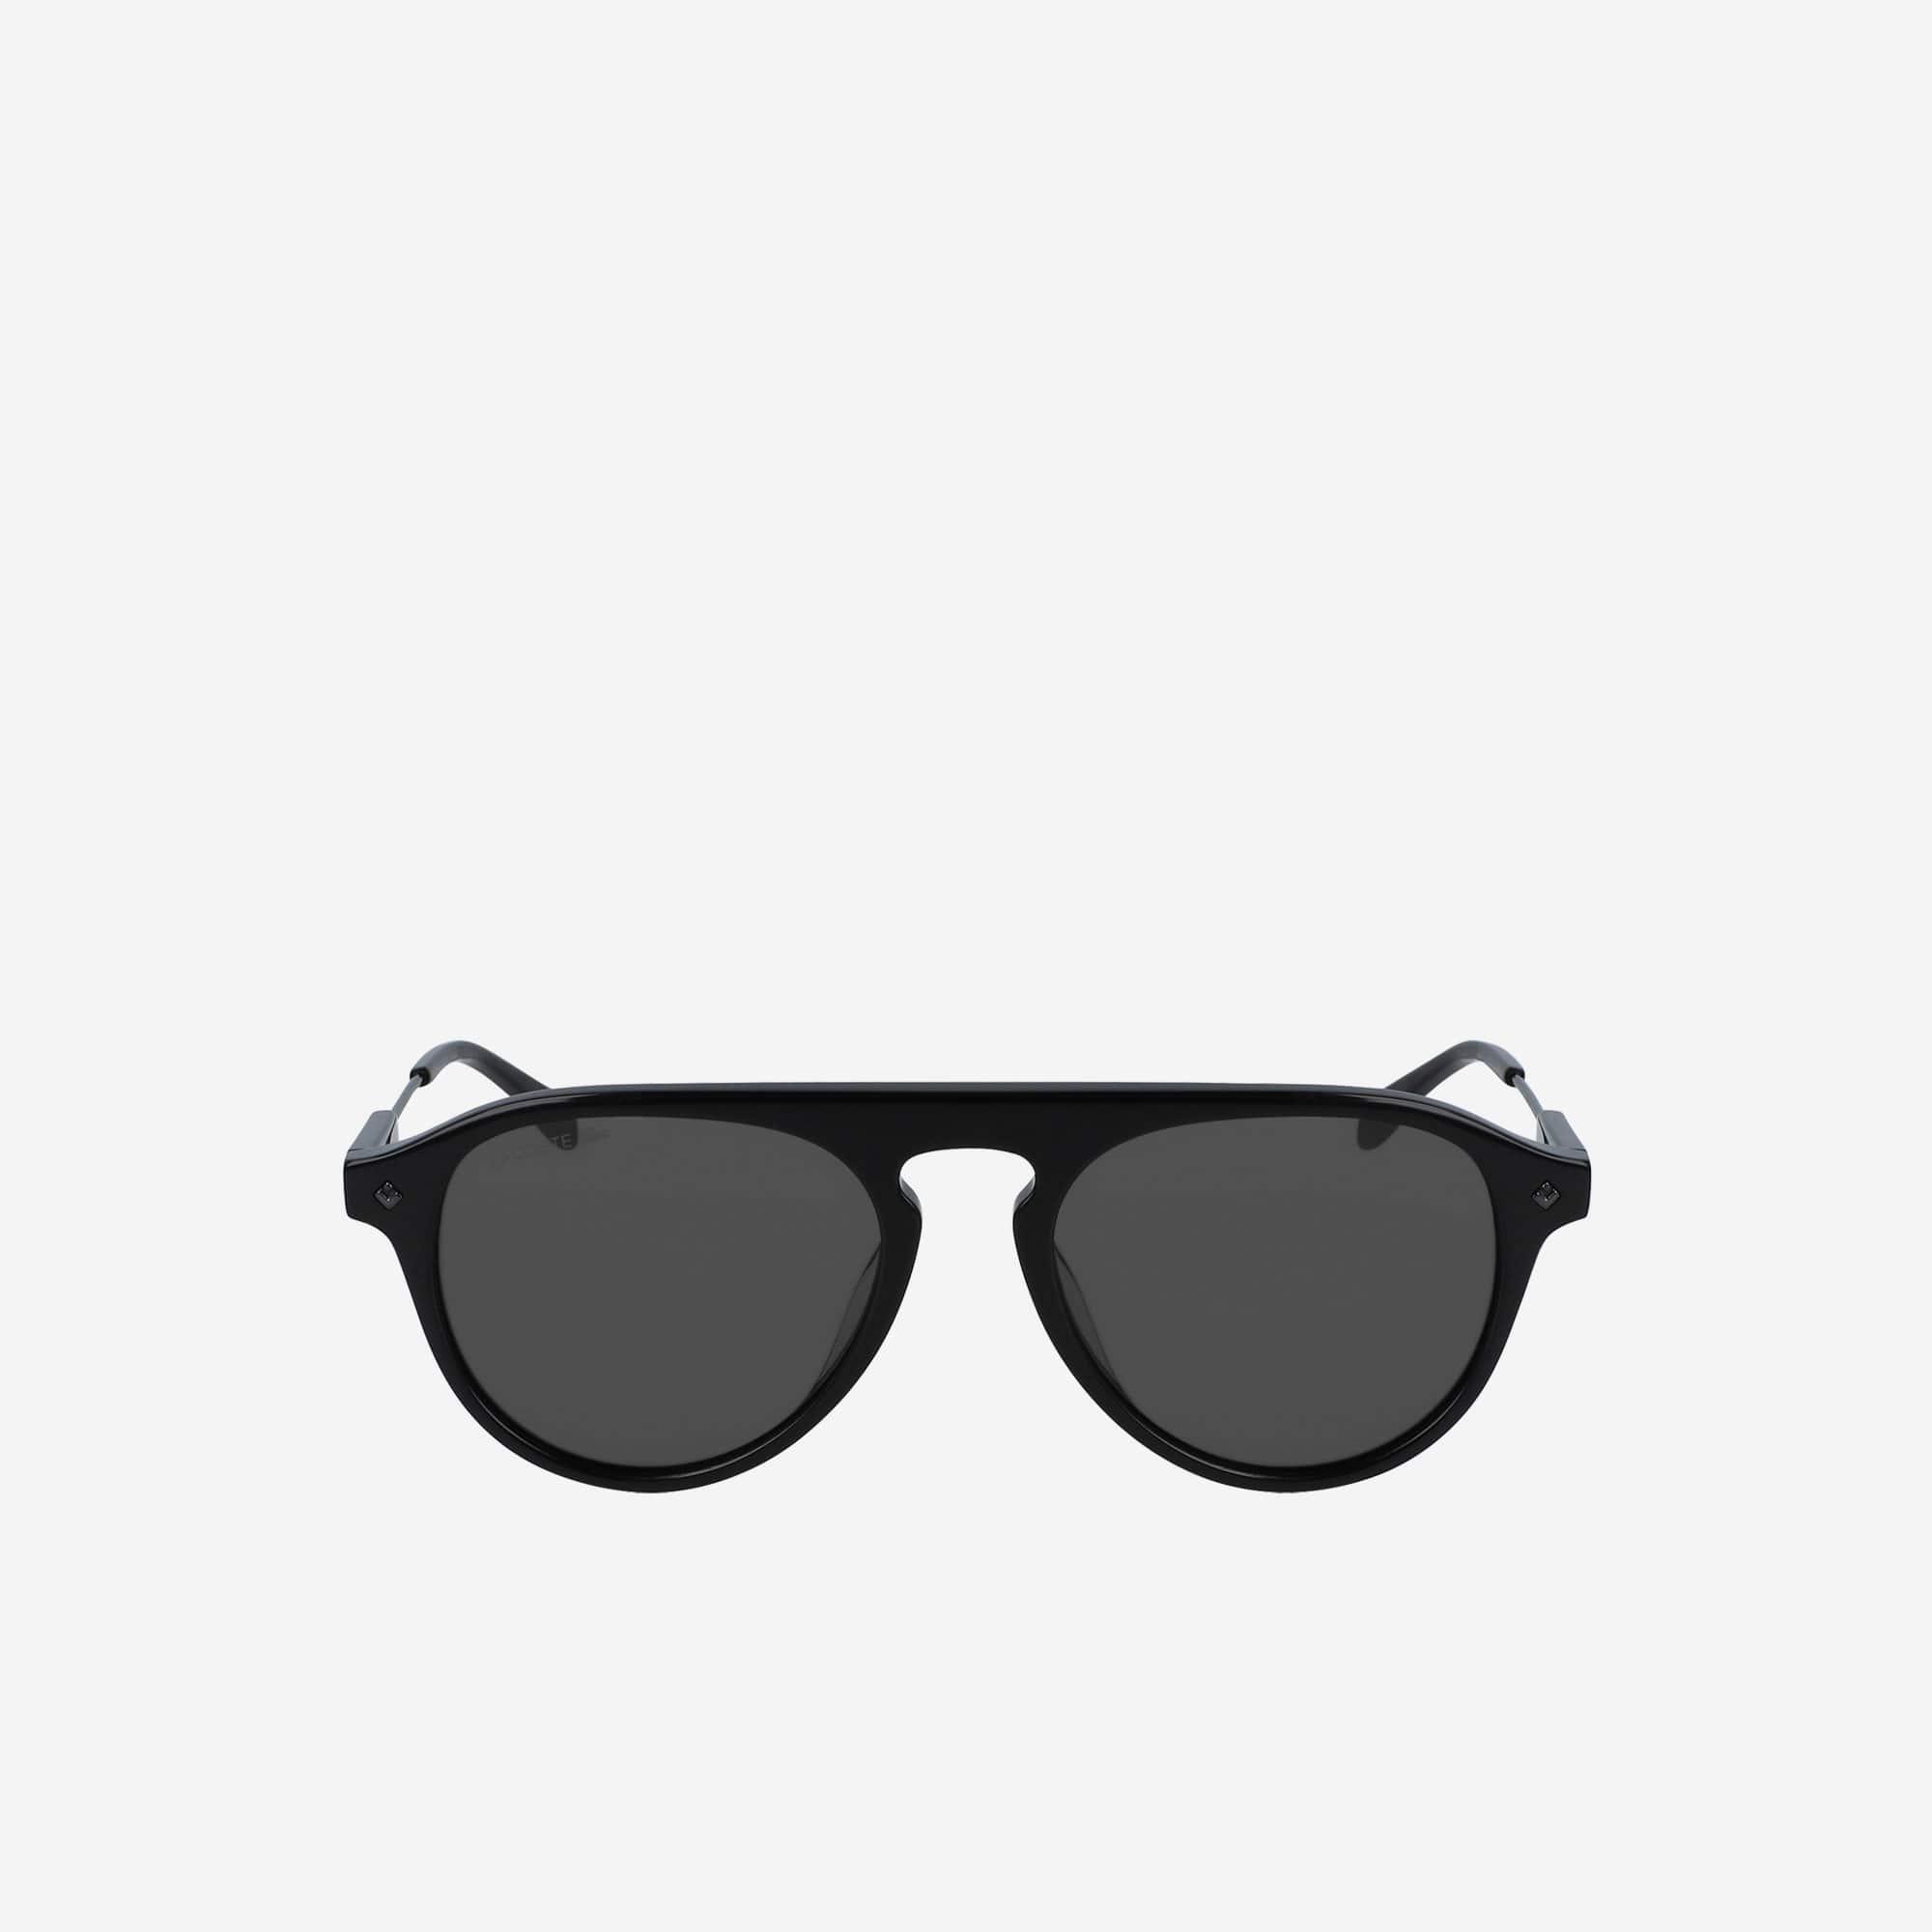 라코스테 선글라스 Lacoste Oval Acetate One Top Bridge Sunglasses